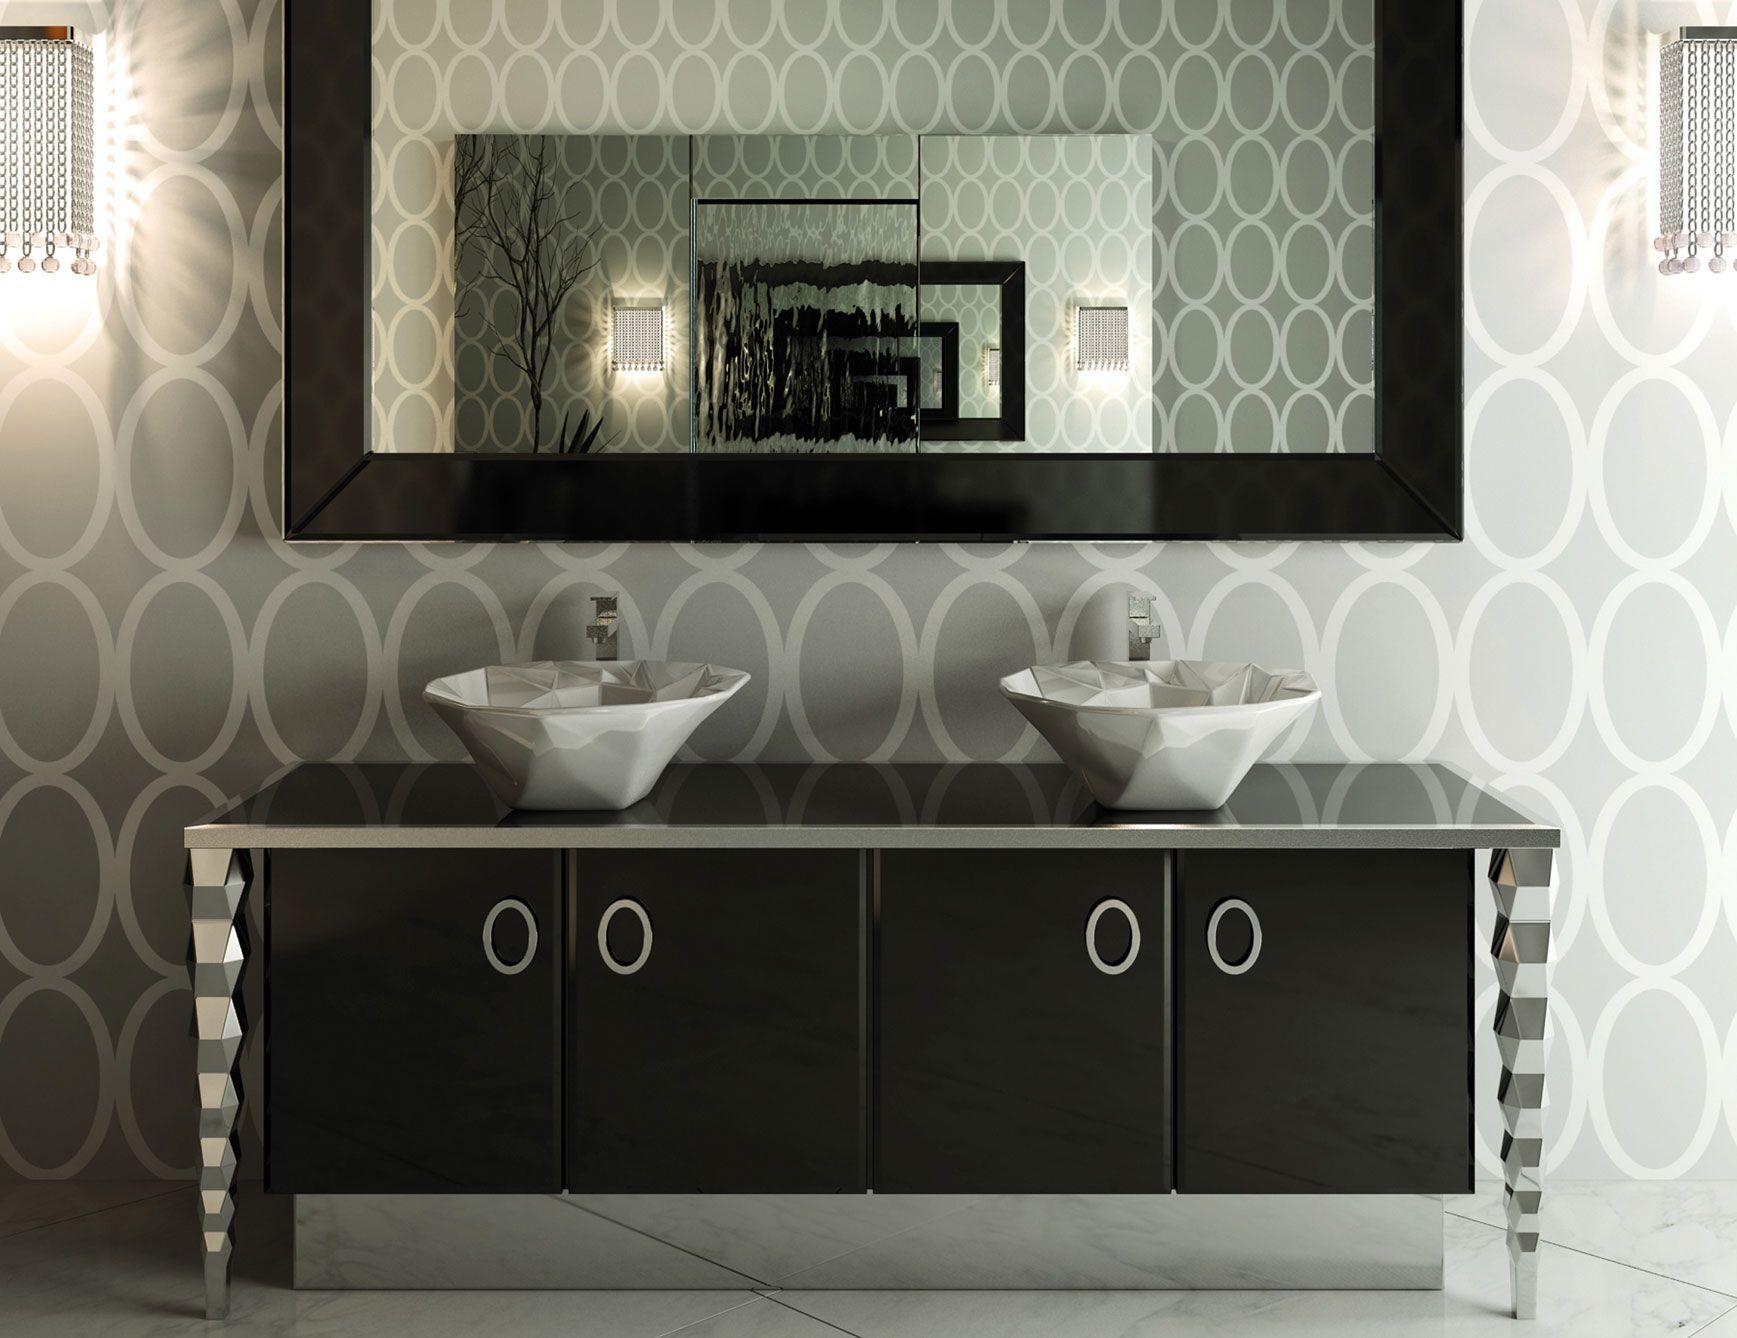 Visionnaire Ipe Cavalli Portorose Luxury Italian Credenza Italian Bathroom Design Luxury Bathroom Vanities Custom Bathroom Vanity